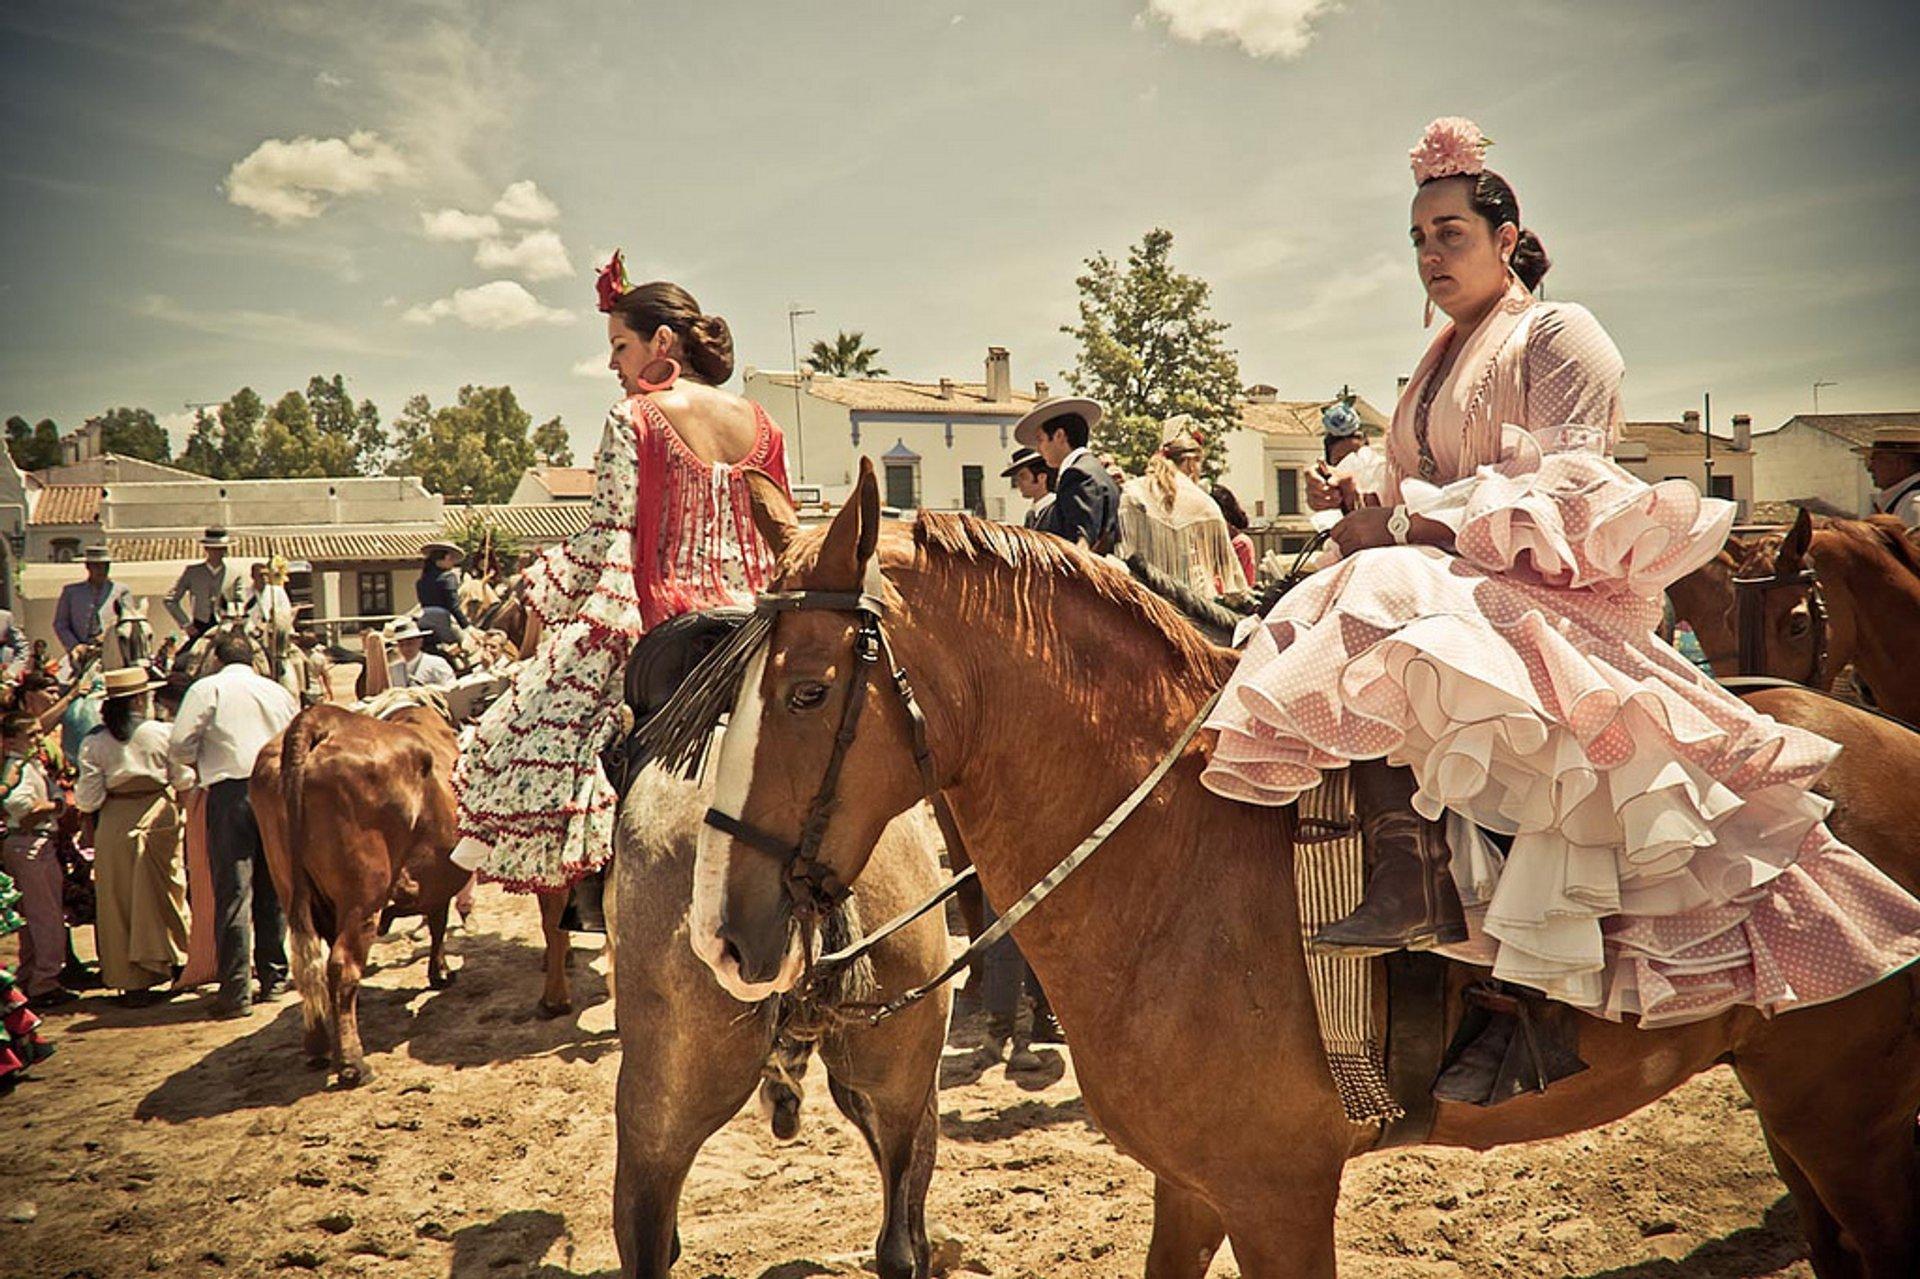 El Rocío Pilgrimage or Romería de El Rocío in Seville - Best Season 2019